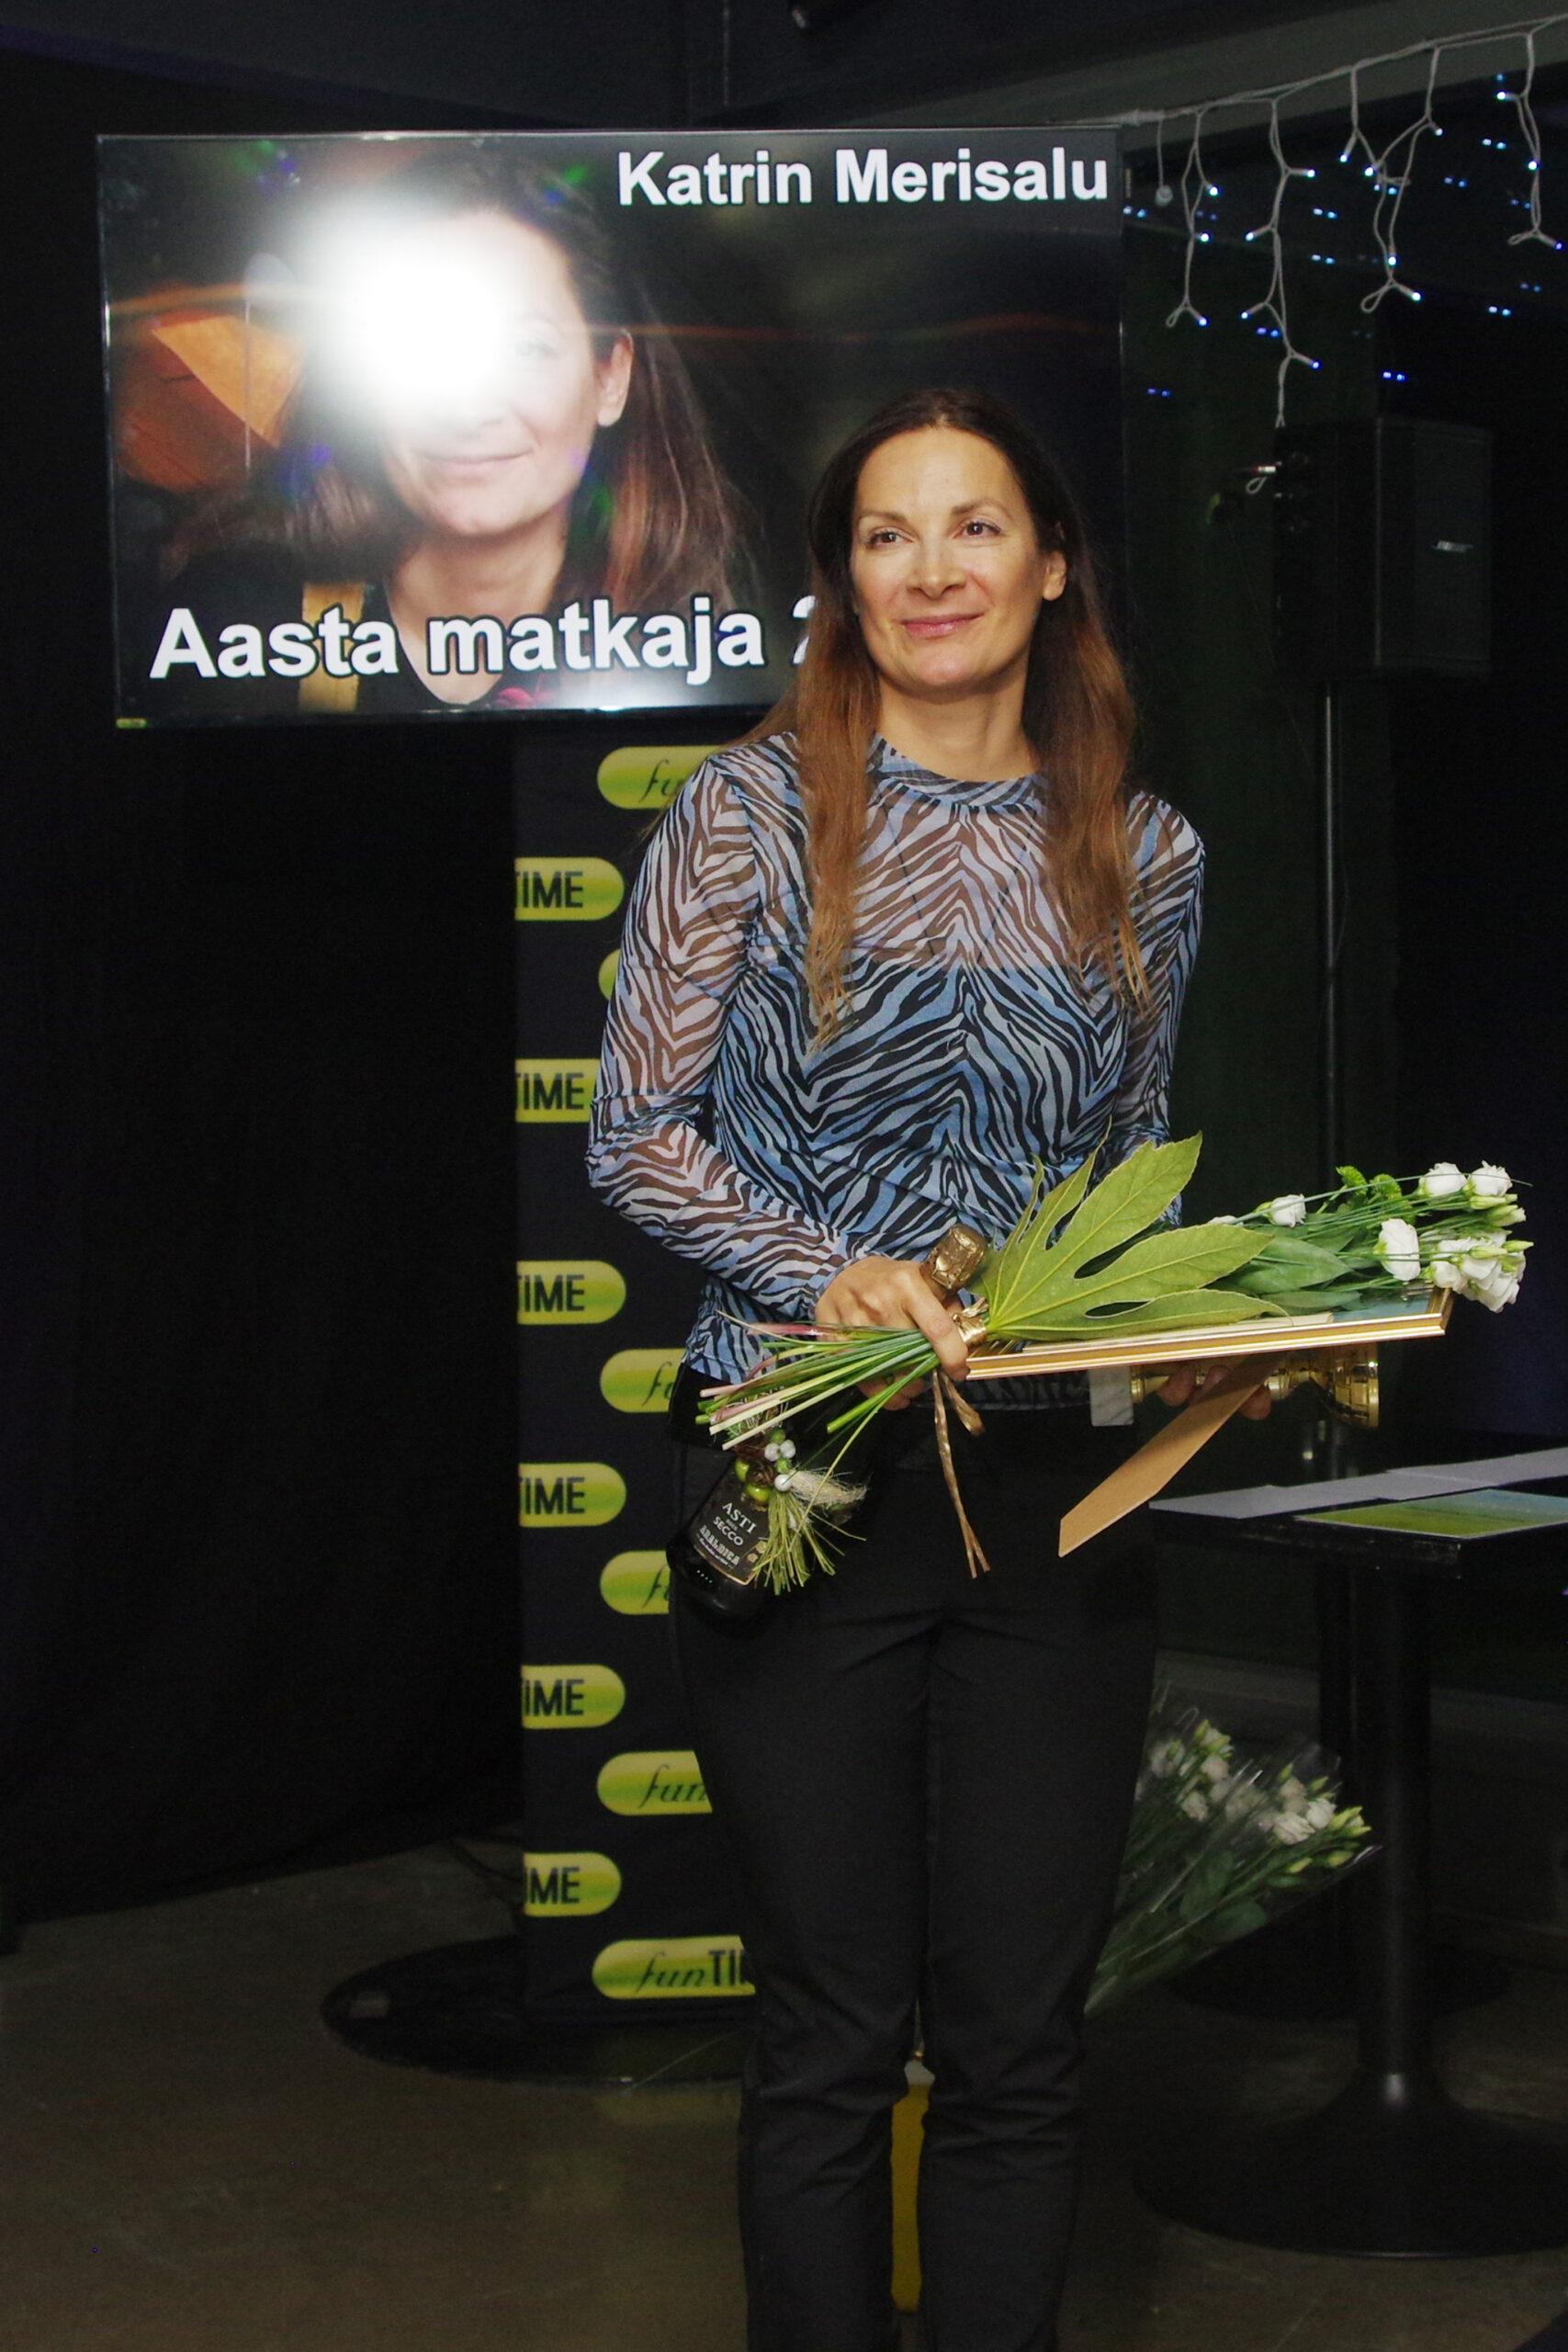 Aasta matkaja 2019 Katrin Merisalu